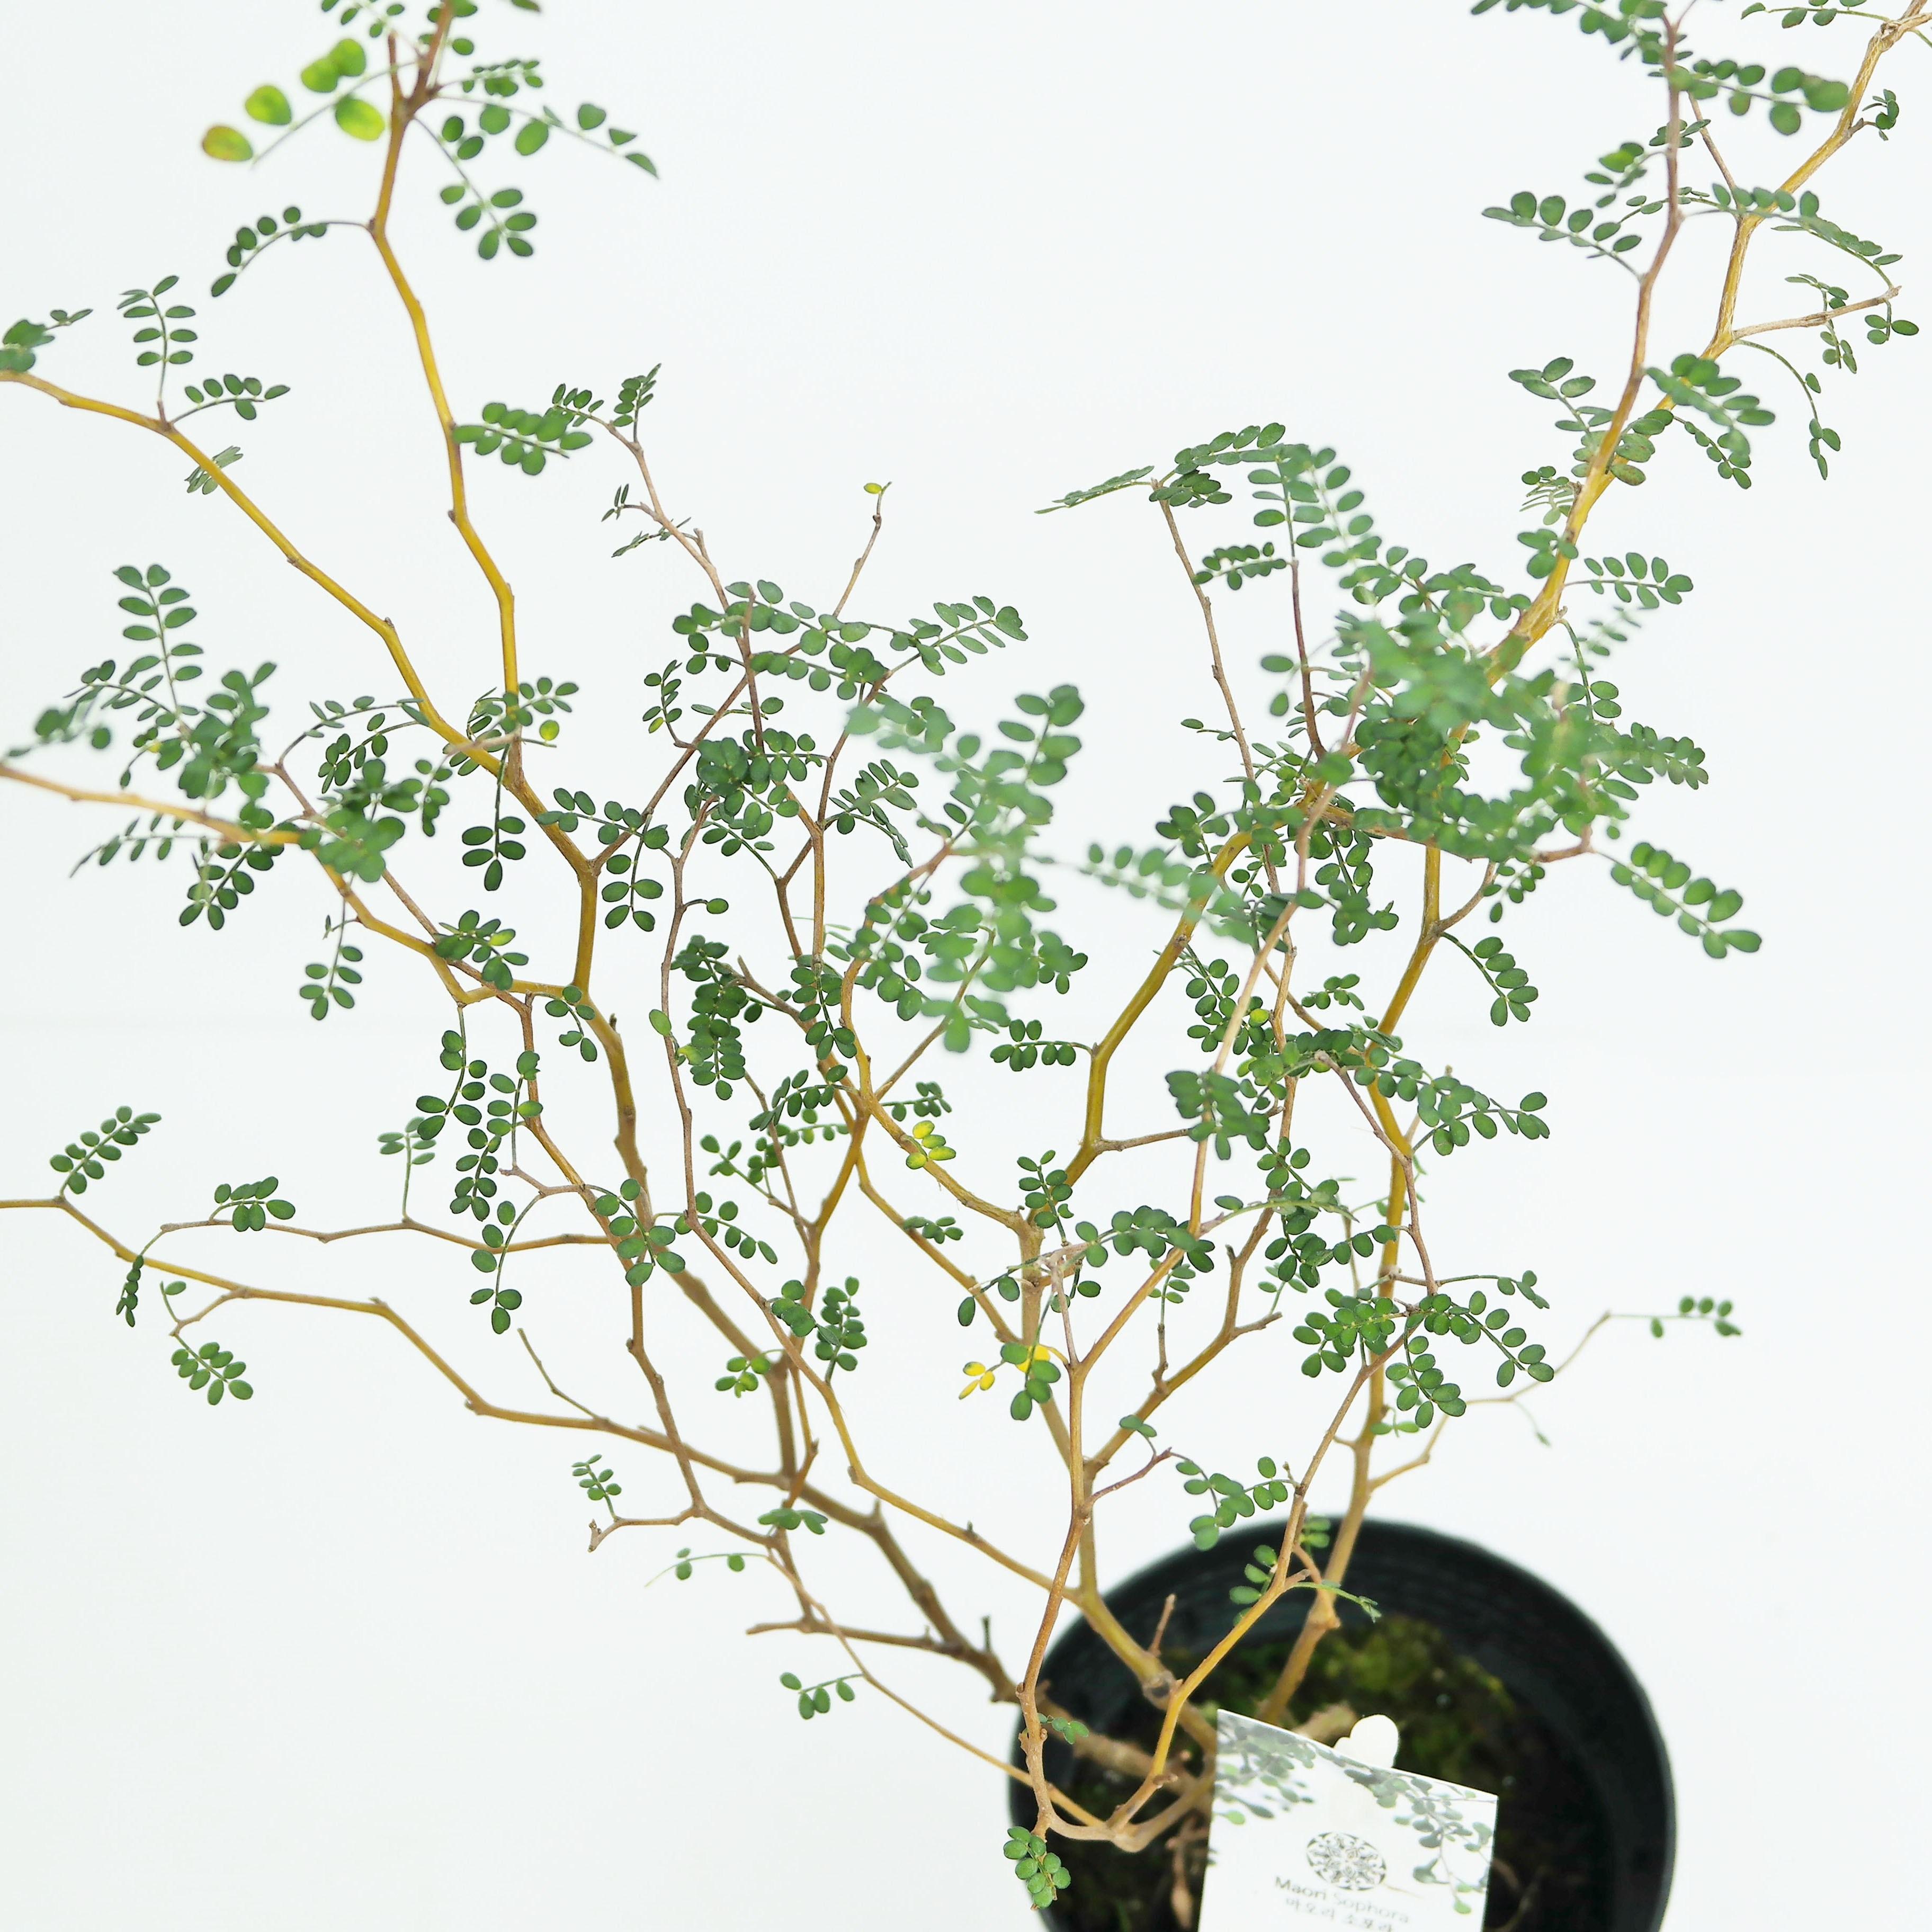 미니농장 마오리 소포라 뉴질랜드 야생화 인테리어 식물